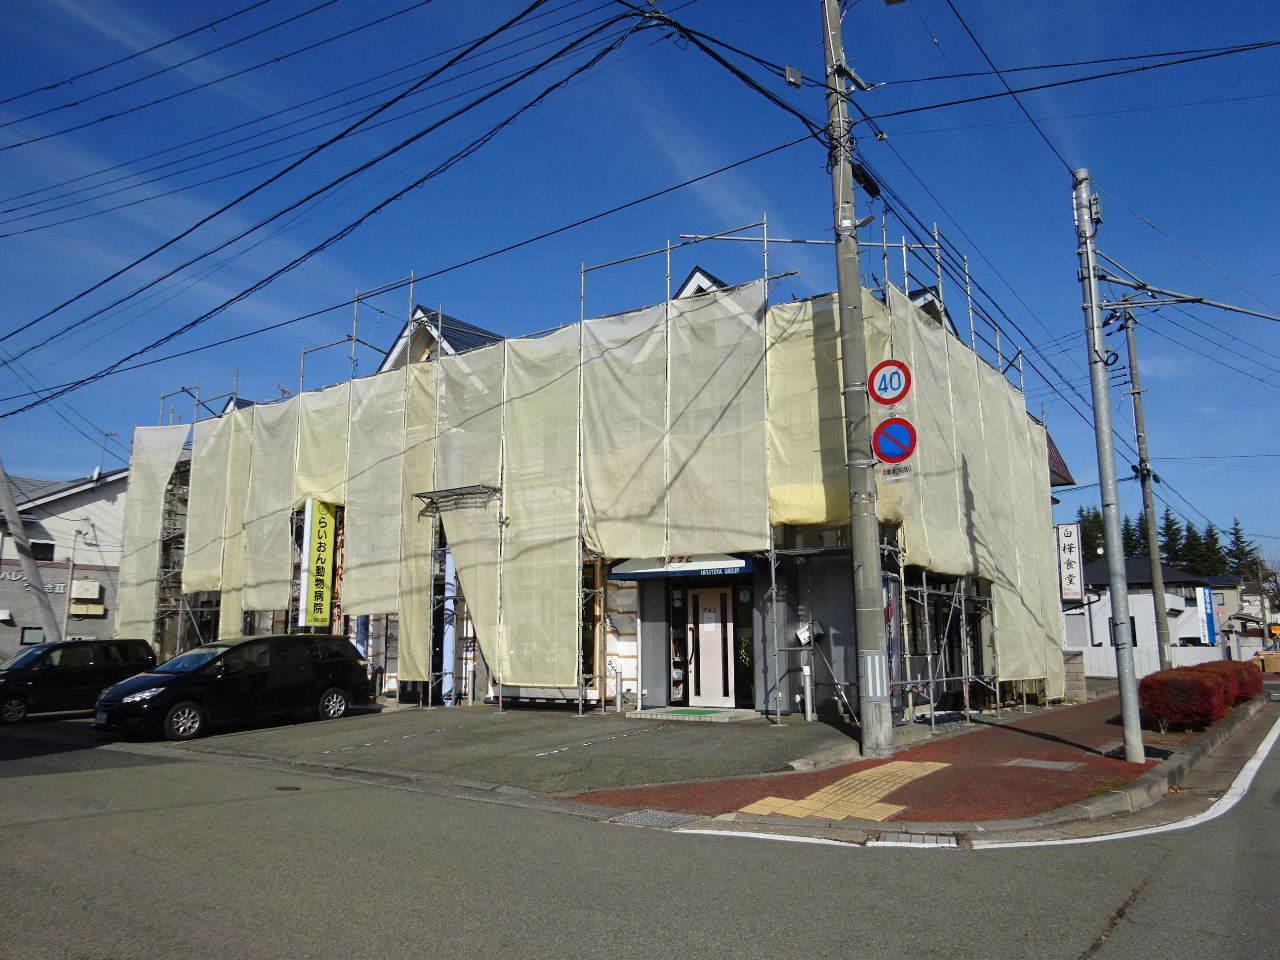 アパートの外装改修工事が進行中です。_f0105112_05202537.jpg